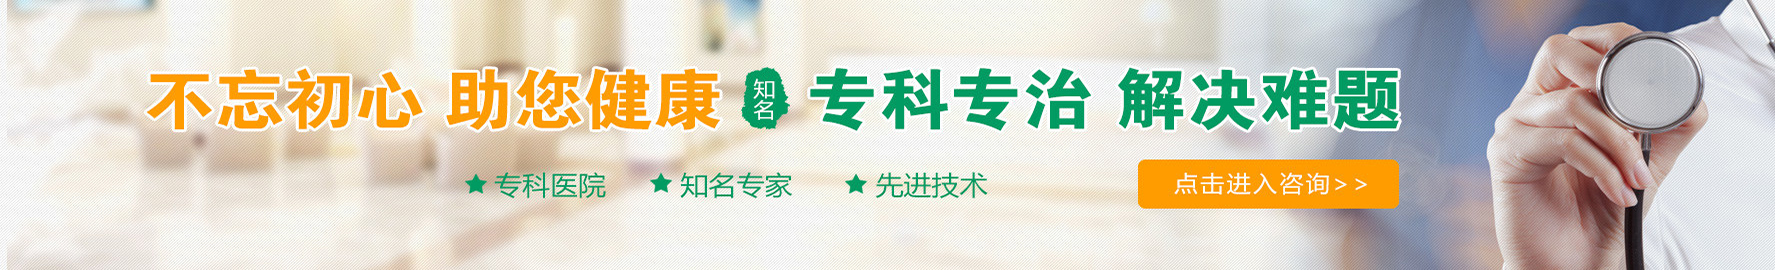 郑州肝病医院